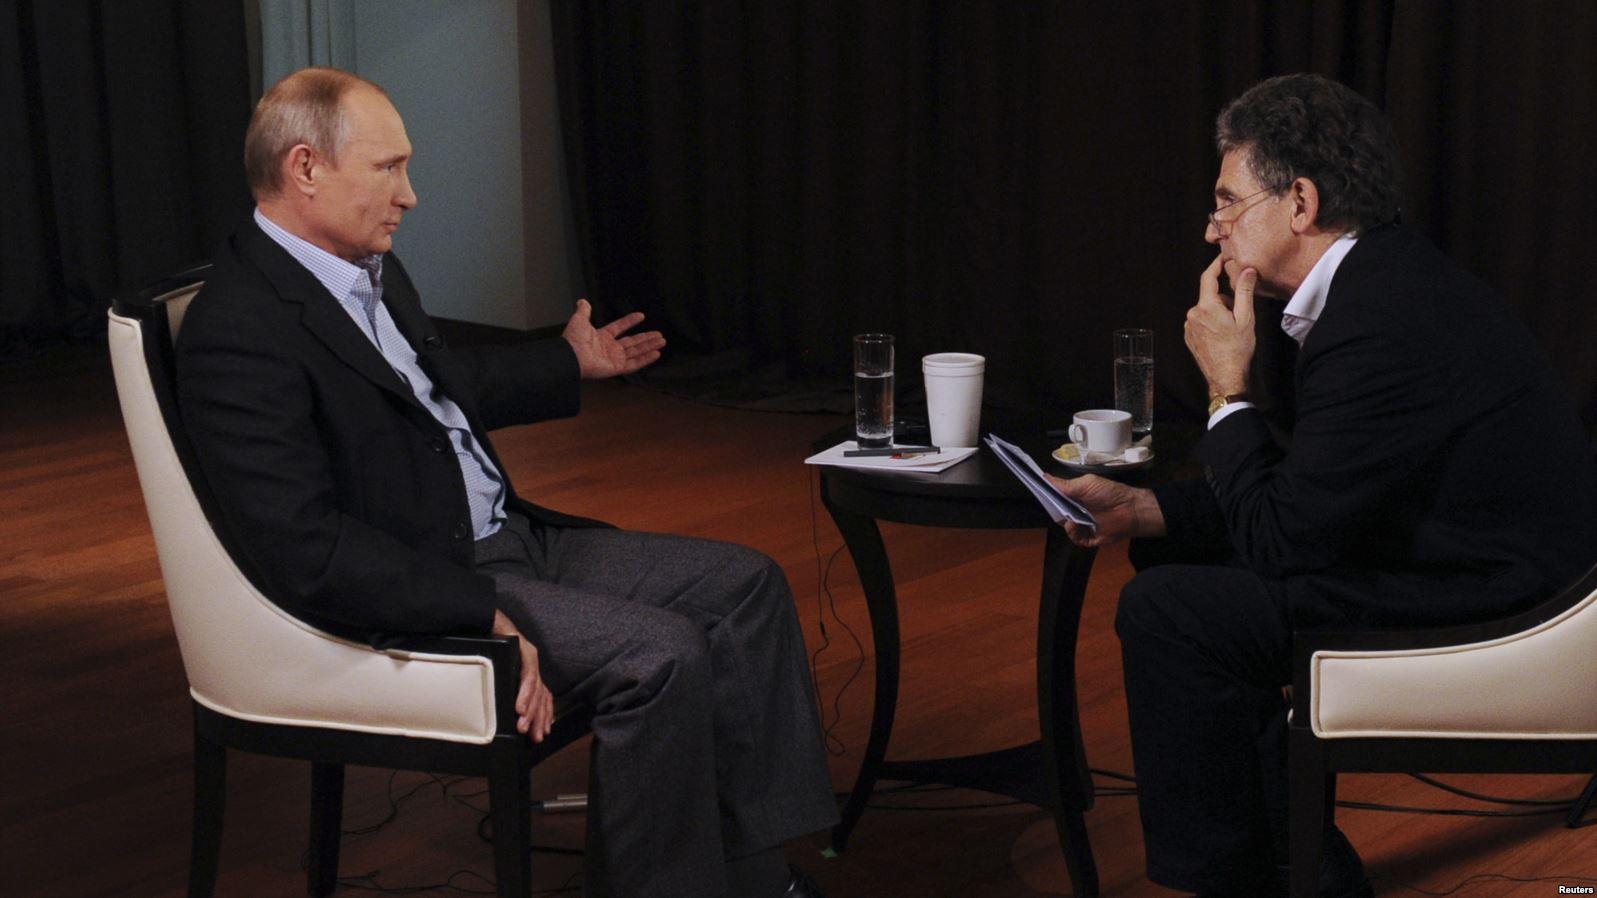 Vladimir Putin: Những khoảnh khắc cô đơn của người đàn ông thép - Ảnh 9.